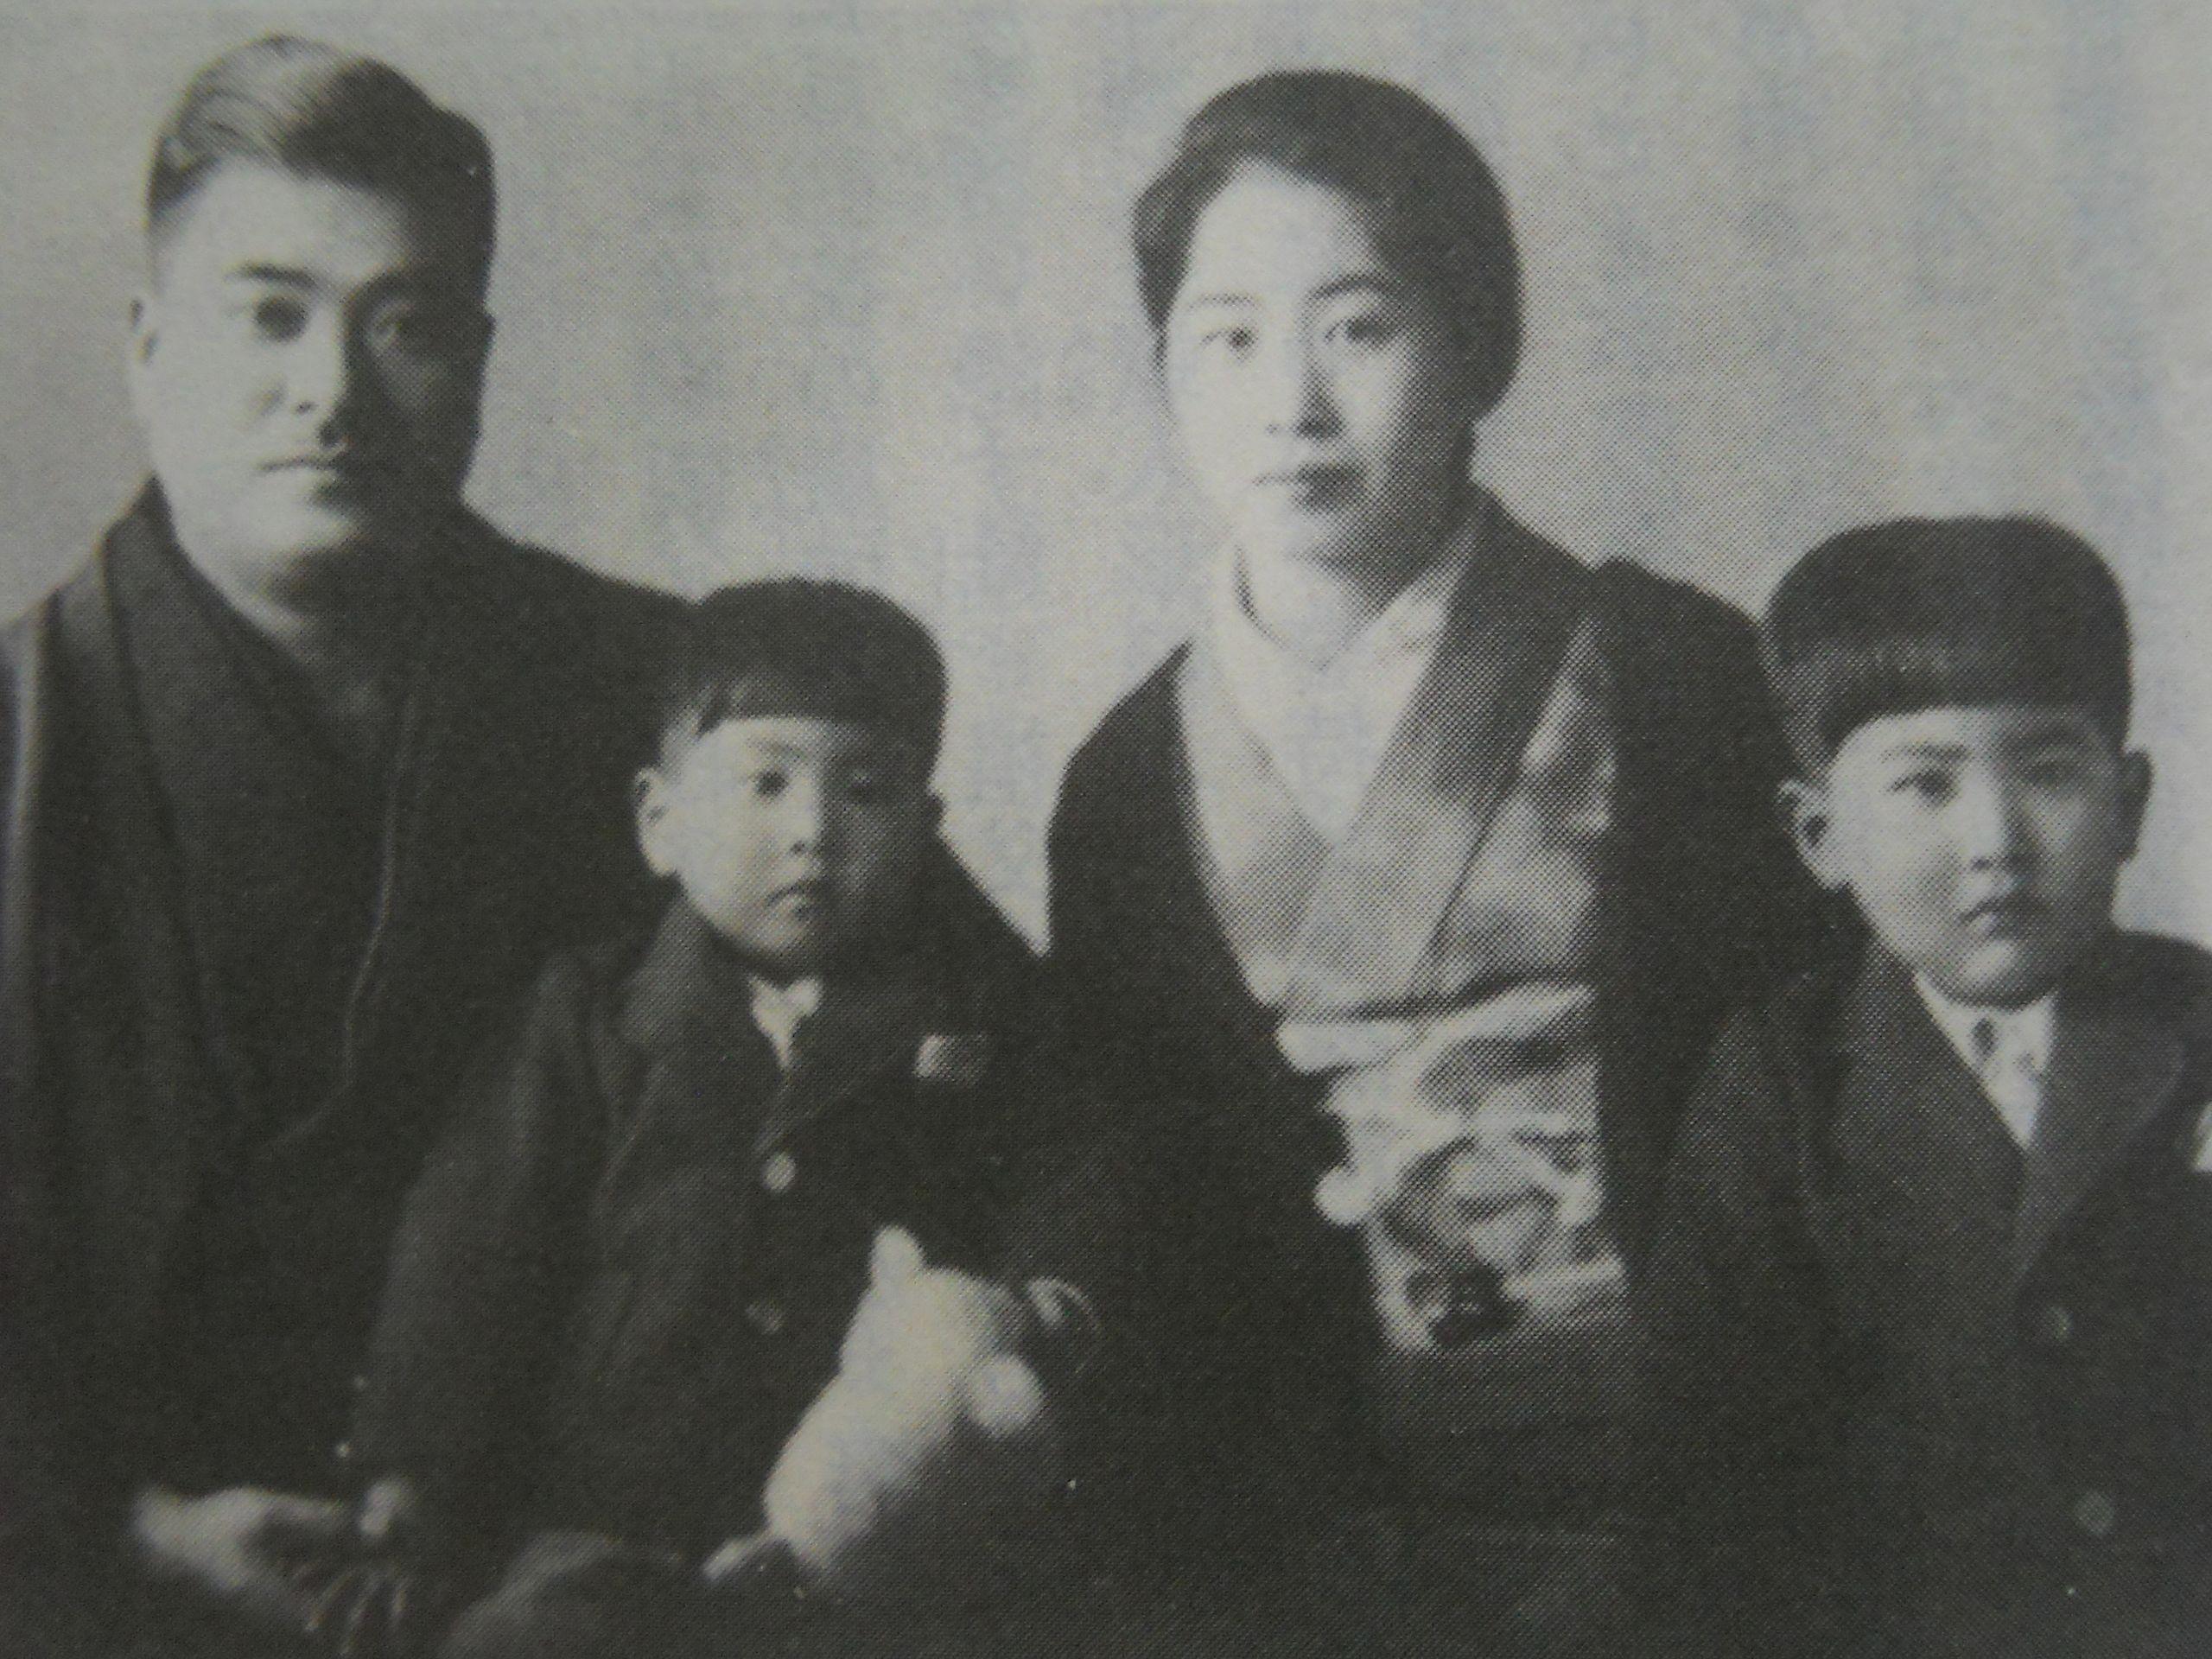 小樽にて家族写真 (左から父・潔、裕次郎、母・光子、兄・慎太郎)Wikipediaより